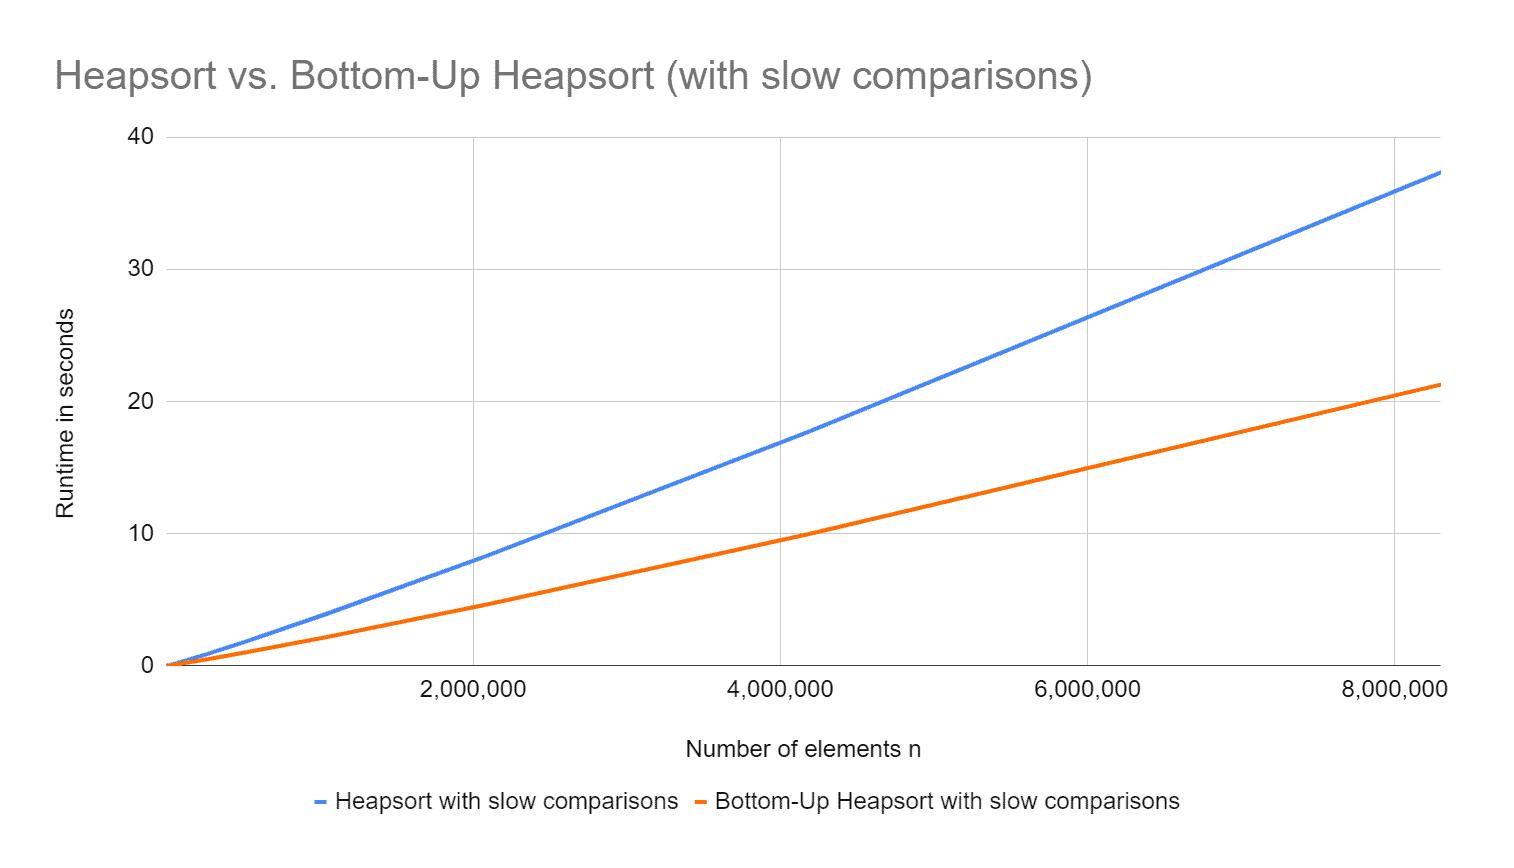 Laufzeiten von Heapsort und Bottom-Up Heapsort mit teuren Vergleichsoperationen